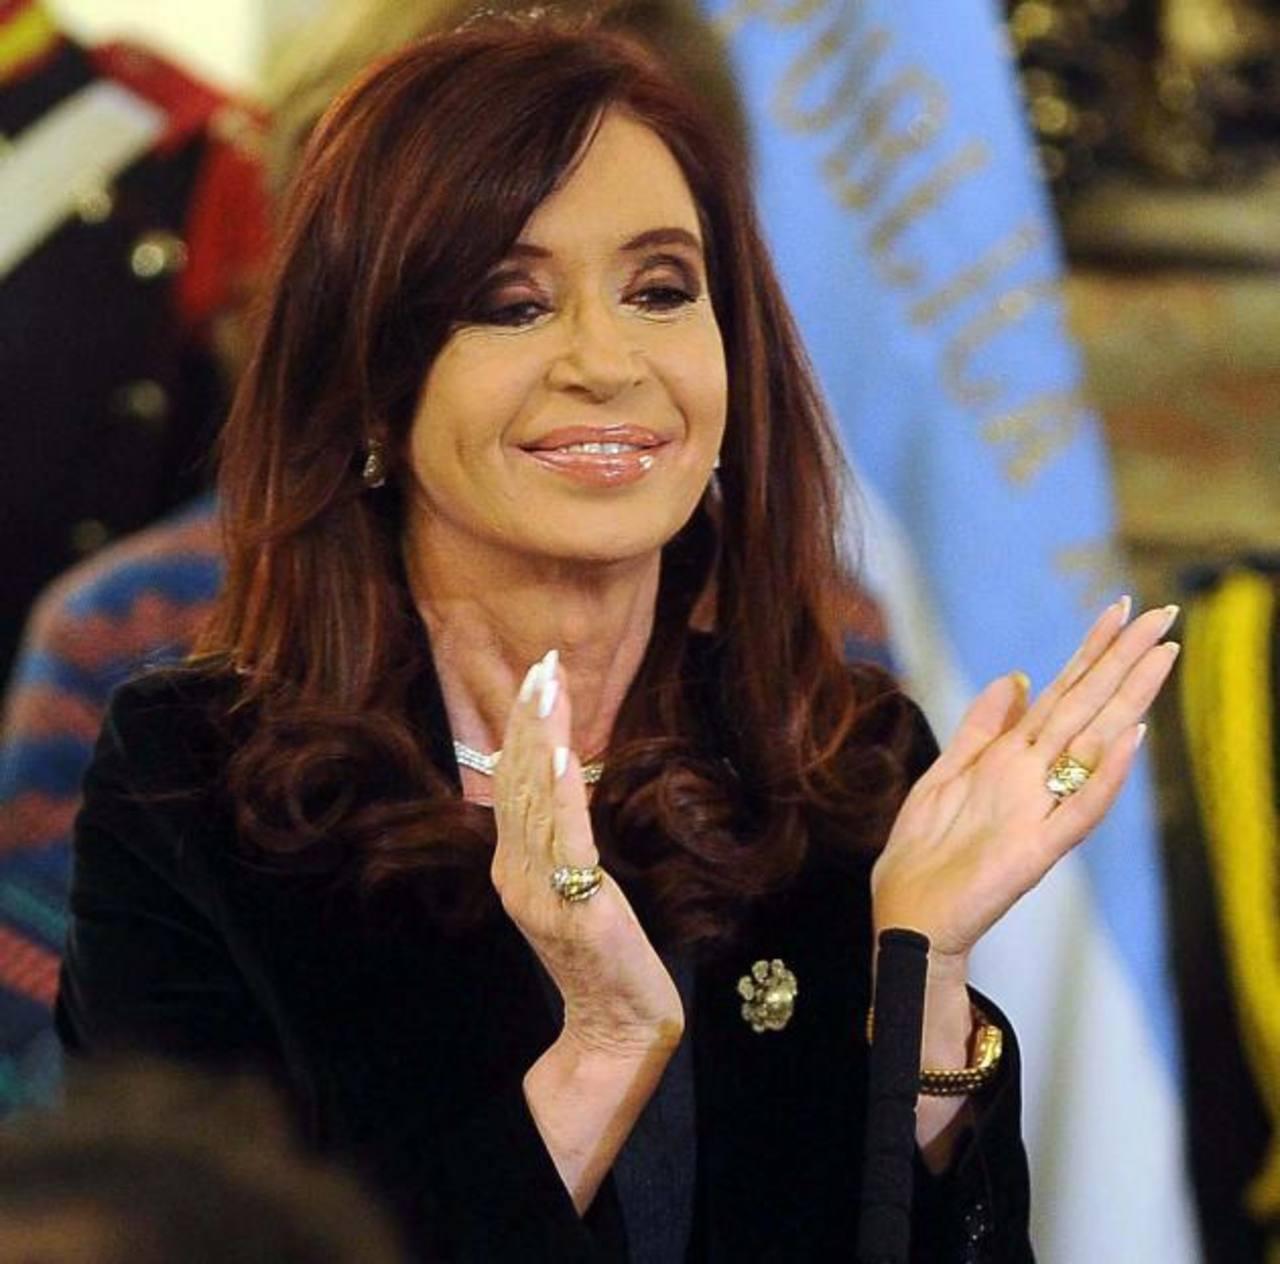 """Según la fiscalía, """"no hubo delito alguno"""", por parte de la presidenta argentina, Cristina Fernández. foto edh / internet"""